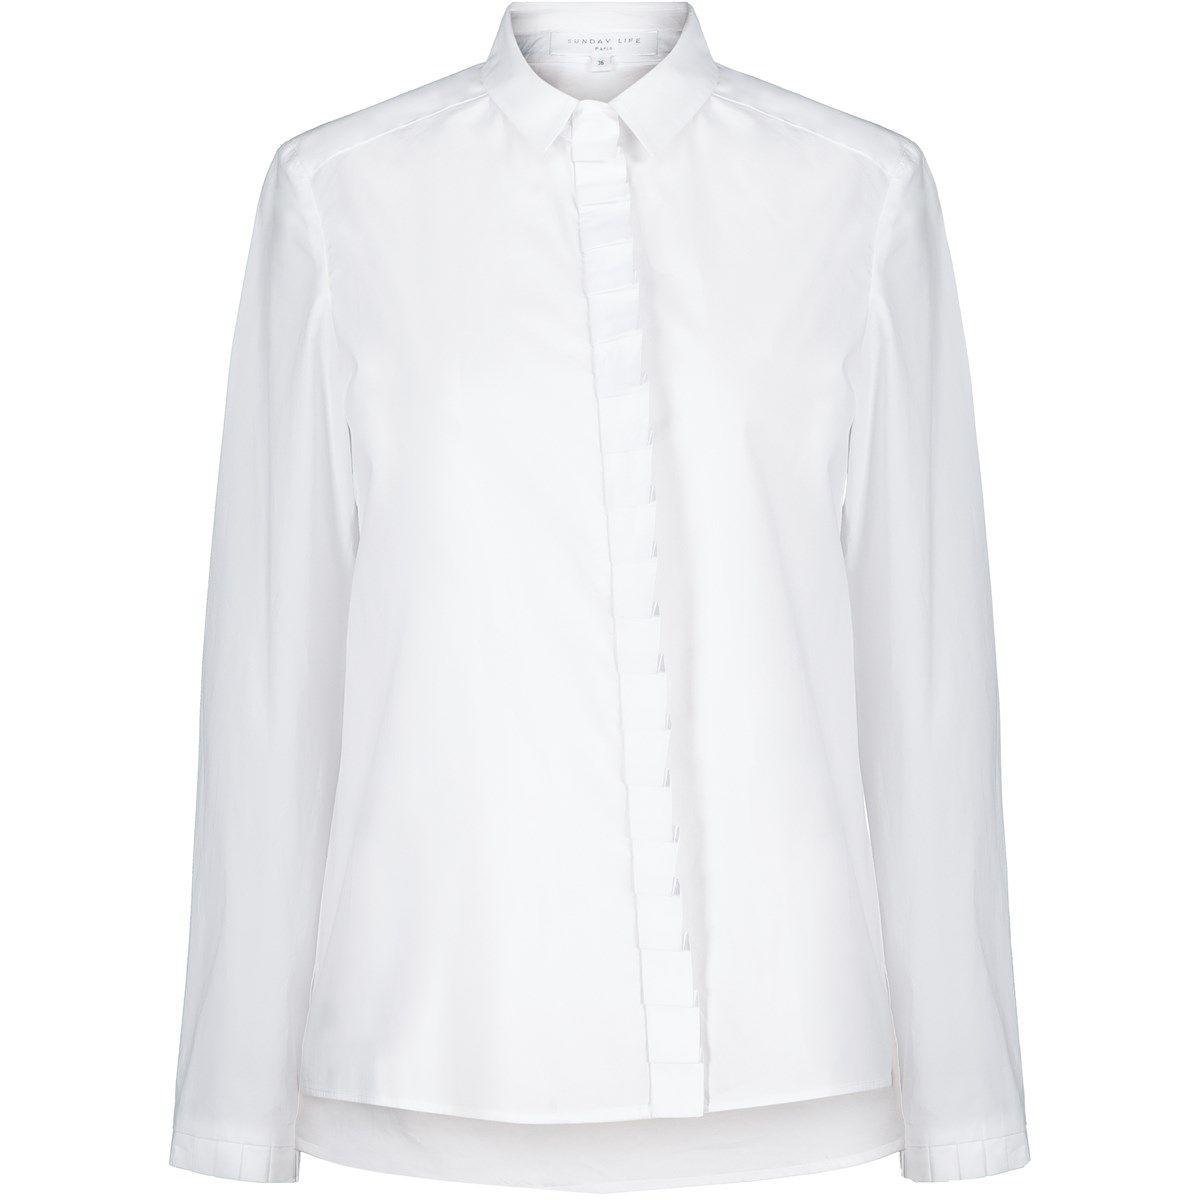 Chemise asymétrique Femme en coton manches longues